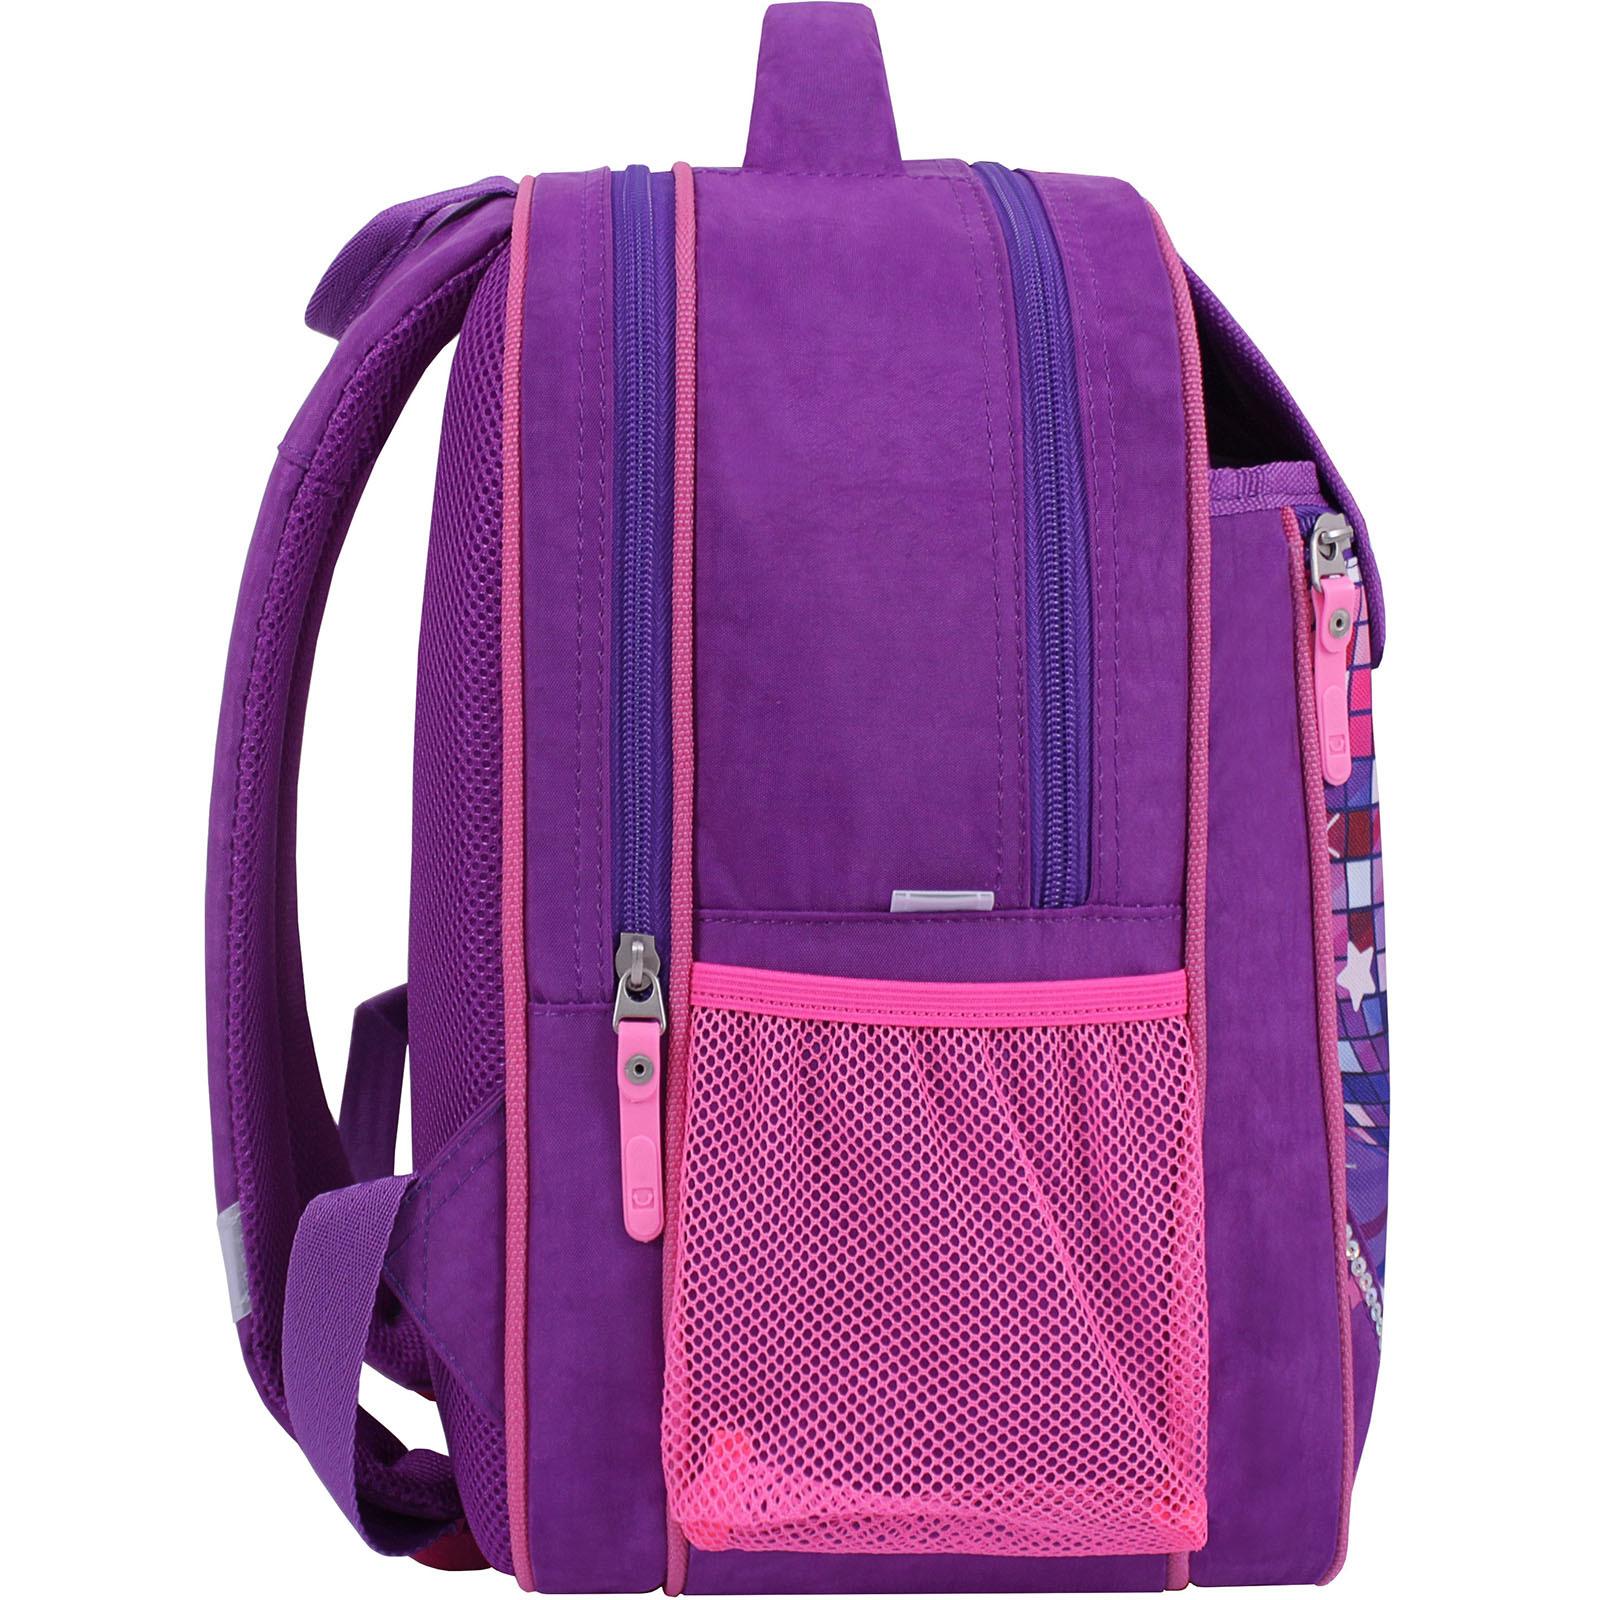 Рюкзак школьный Bagland Отличник 20 л. 339 фиолетовый 503 (0058070) фото 2